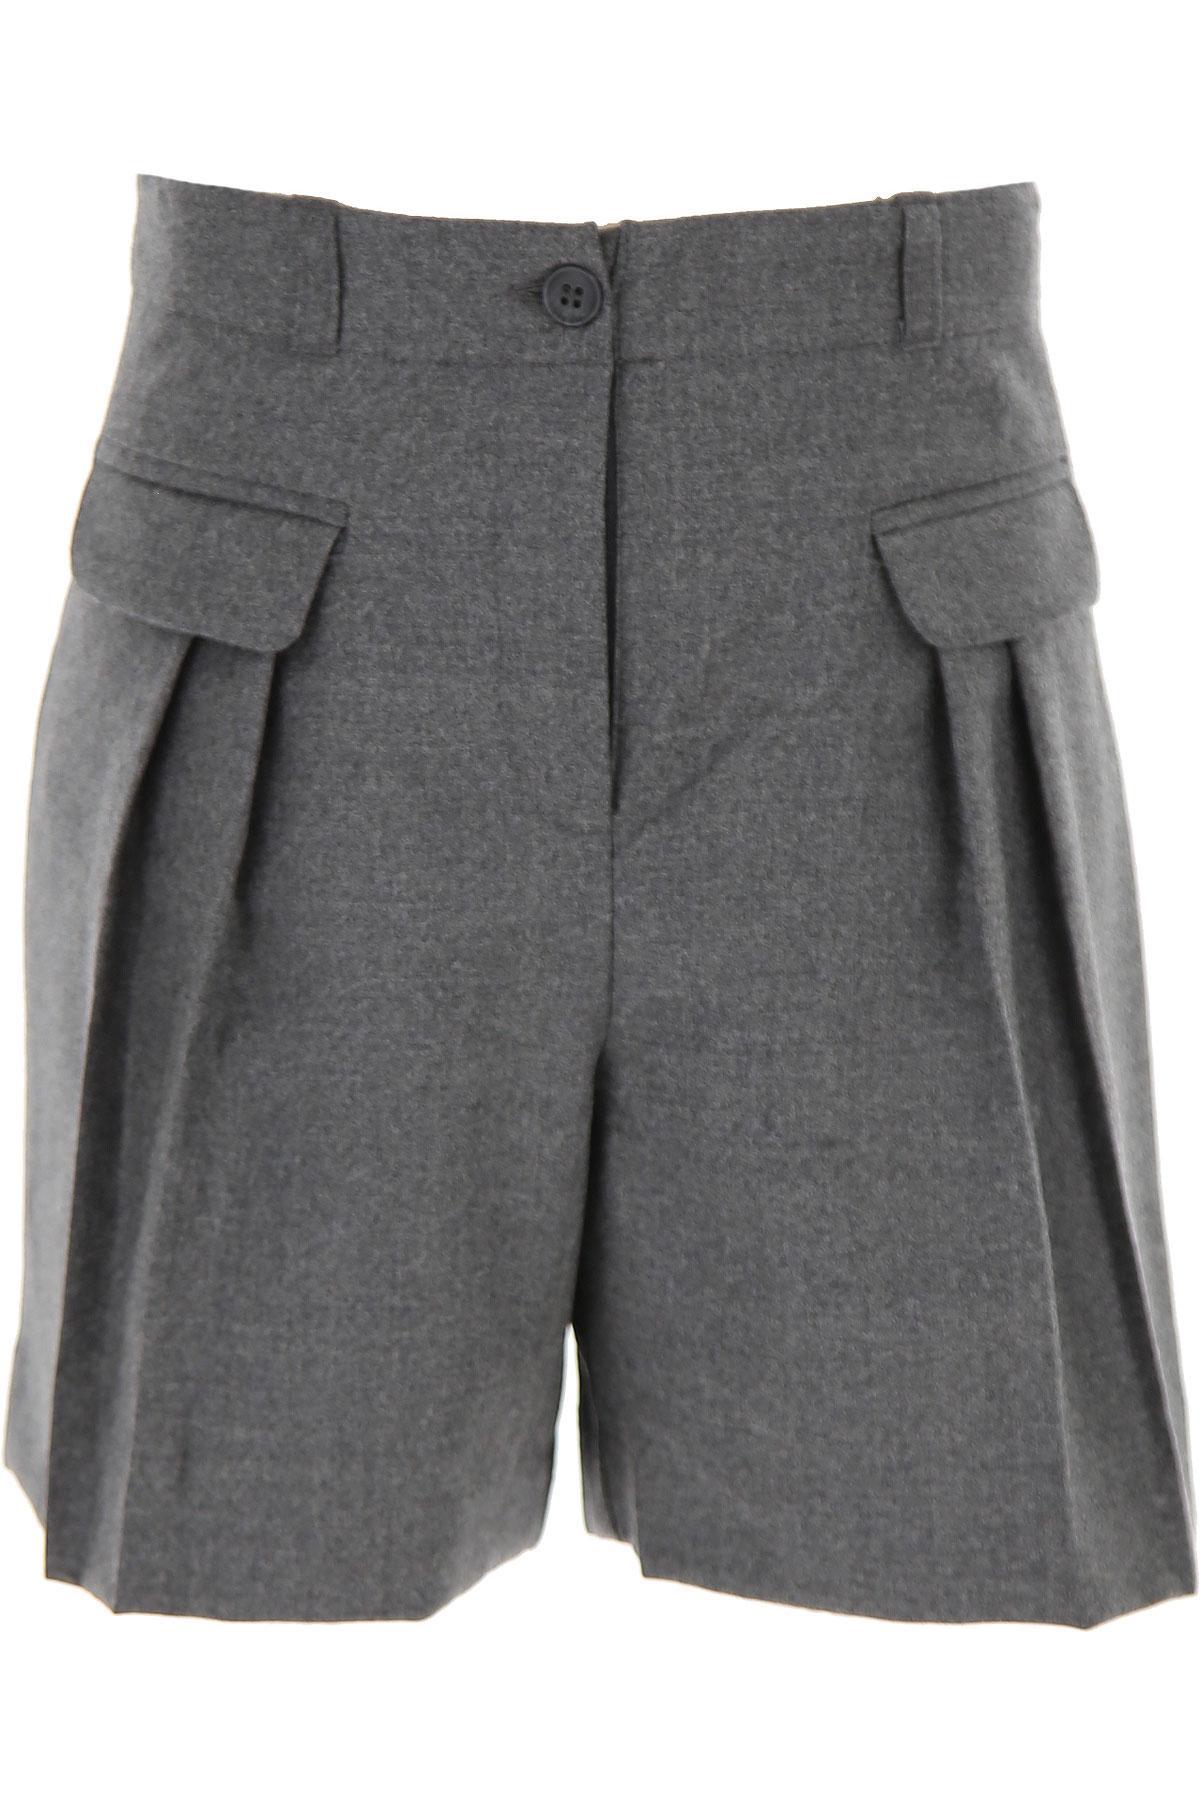 Bonpoint Kids Shorts for Girls On Sale, Grey, Wool, 2019, 10Y 12Y 8Y